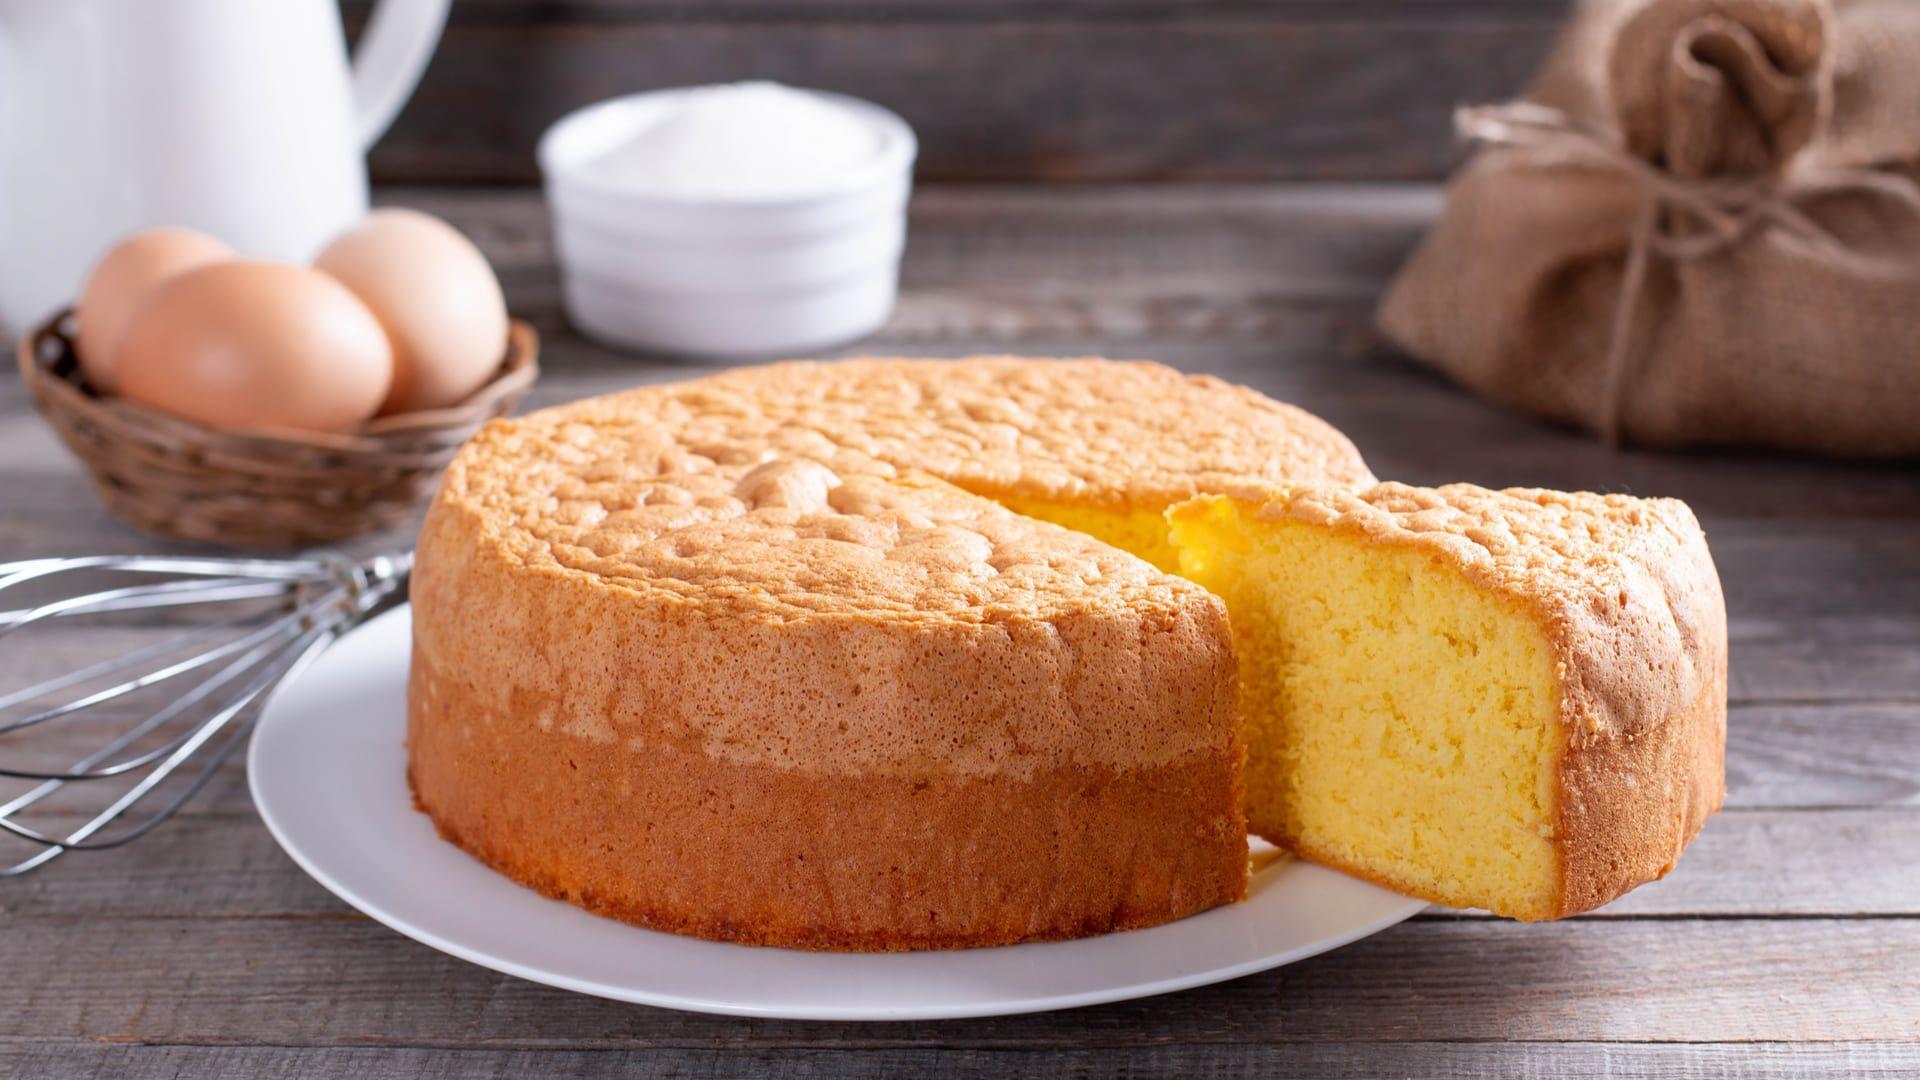 Saiba abaixo como fazer bolo no micro-ondas. (Imagem: Reprodução/Shutterstock)